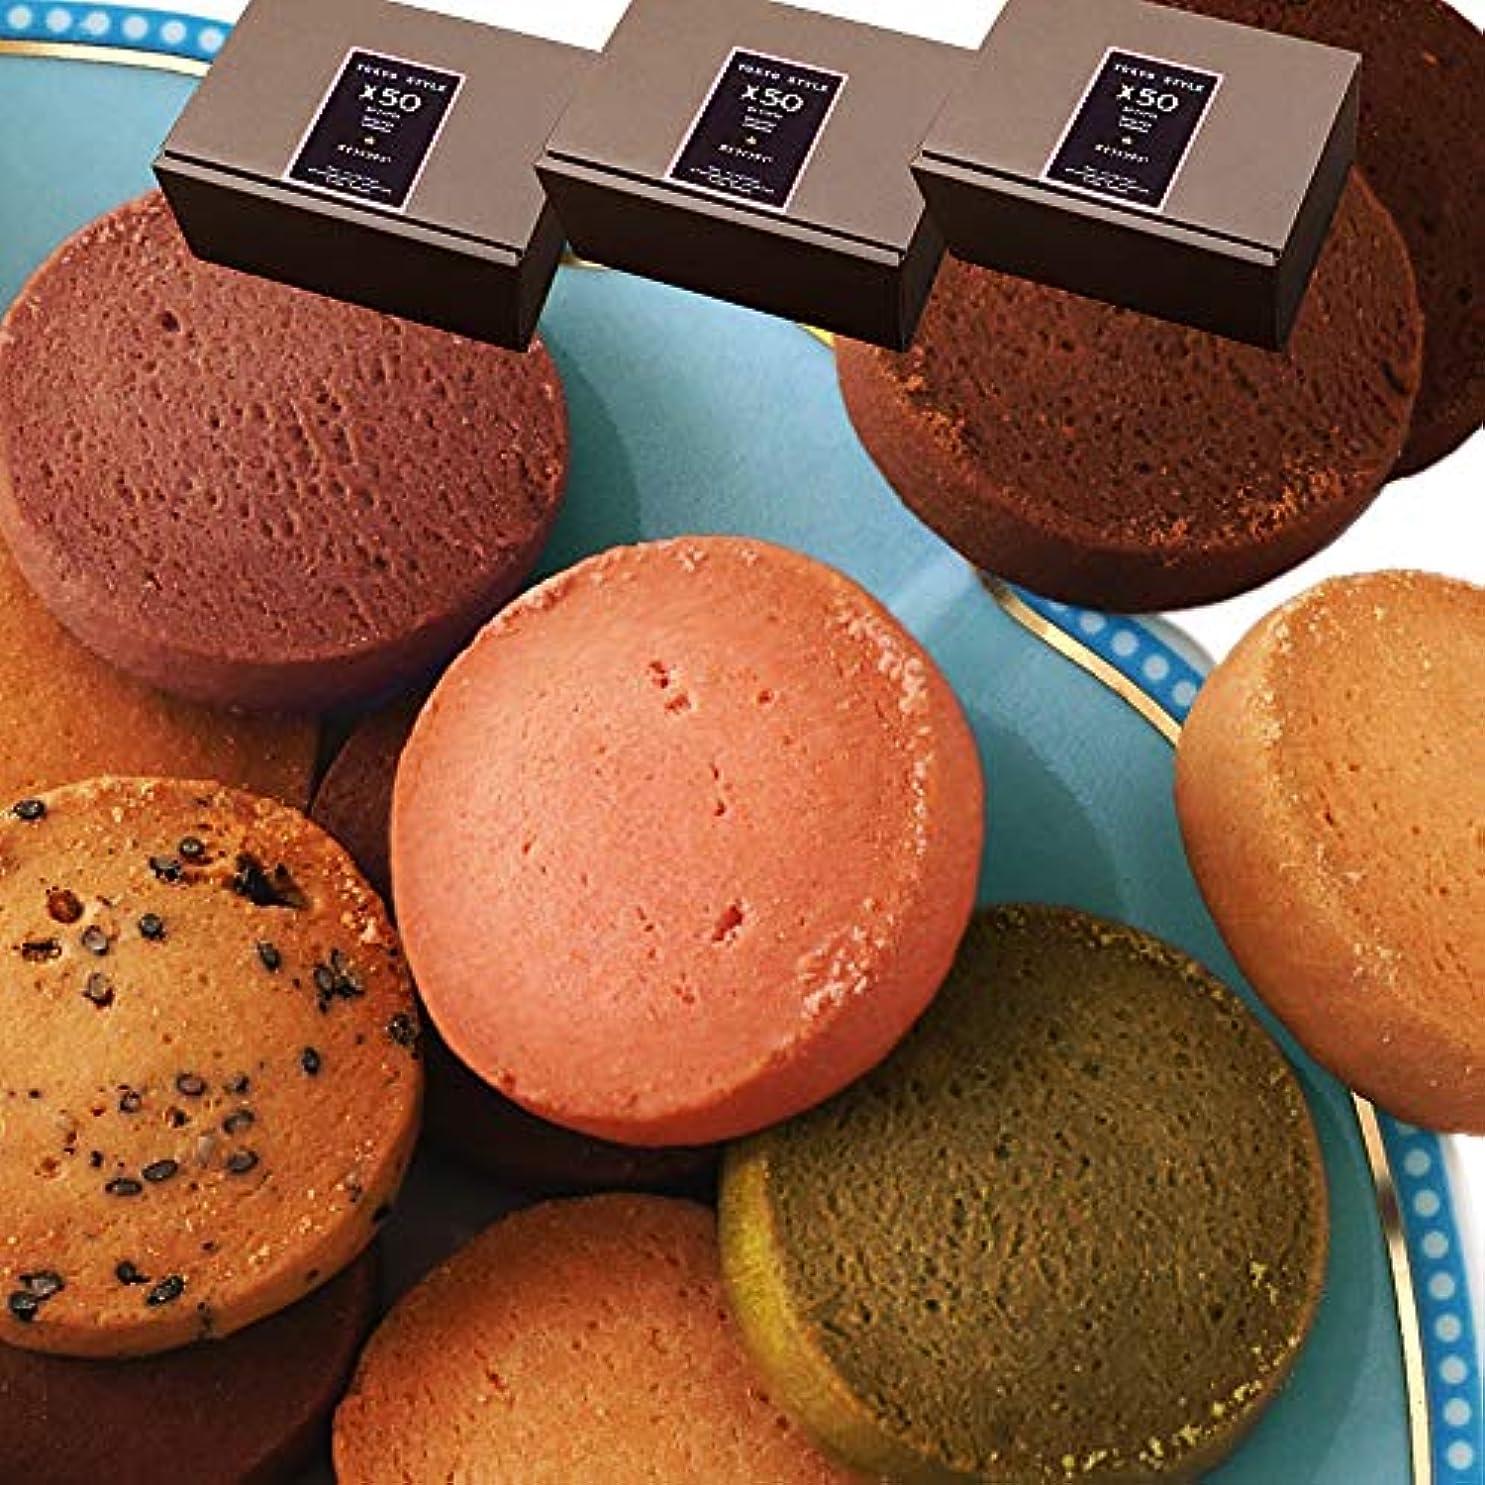 無しネコモトリー【ダイエット 1食分の個包装】豆乳おからマンナンクッキー TOKYO 洋菓子店のテイスト 18食(6種×3袋)×3箱おまとめ